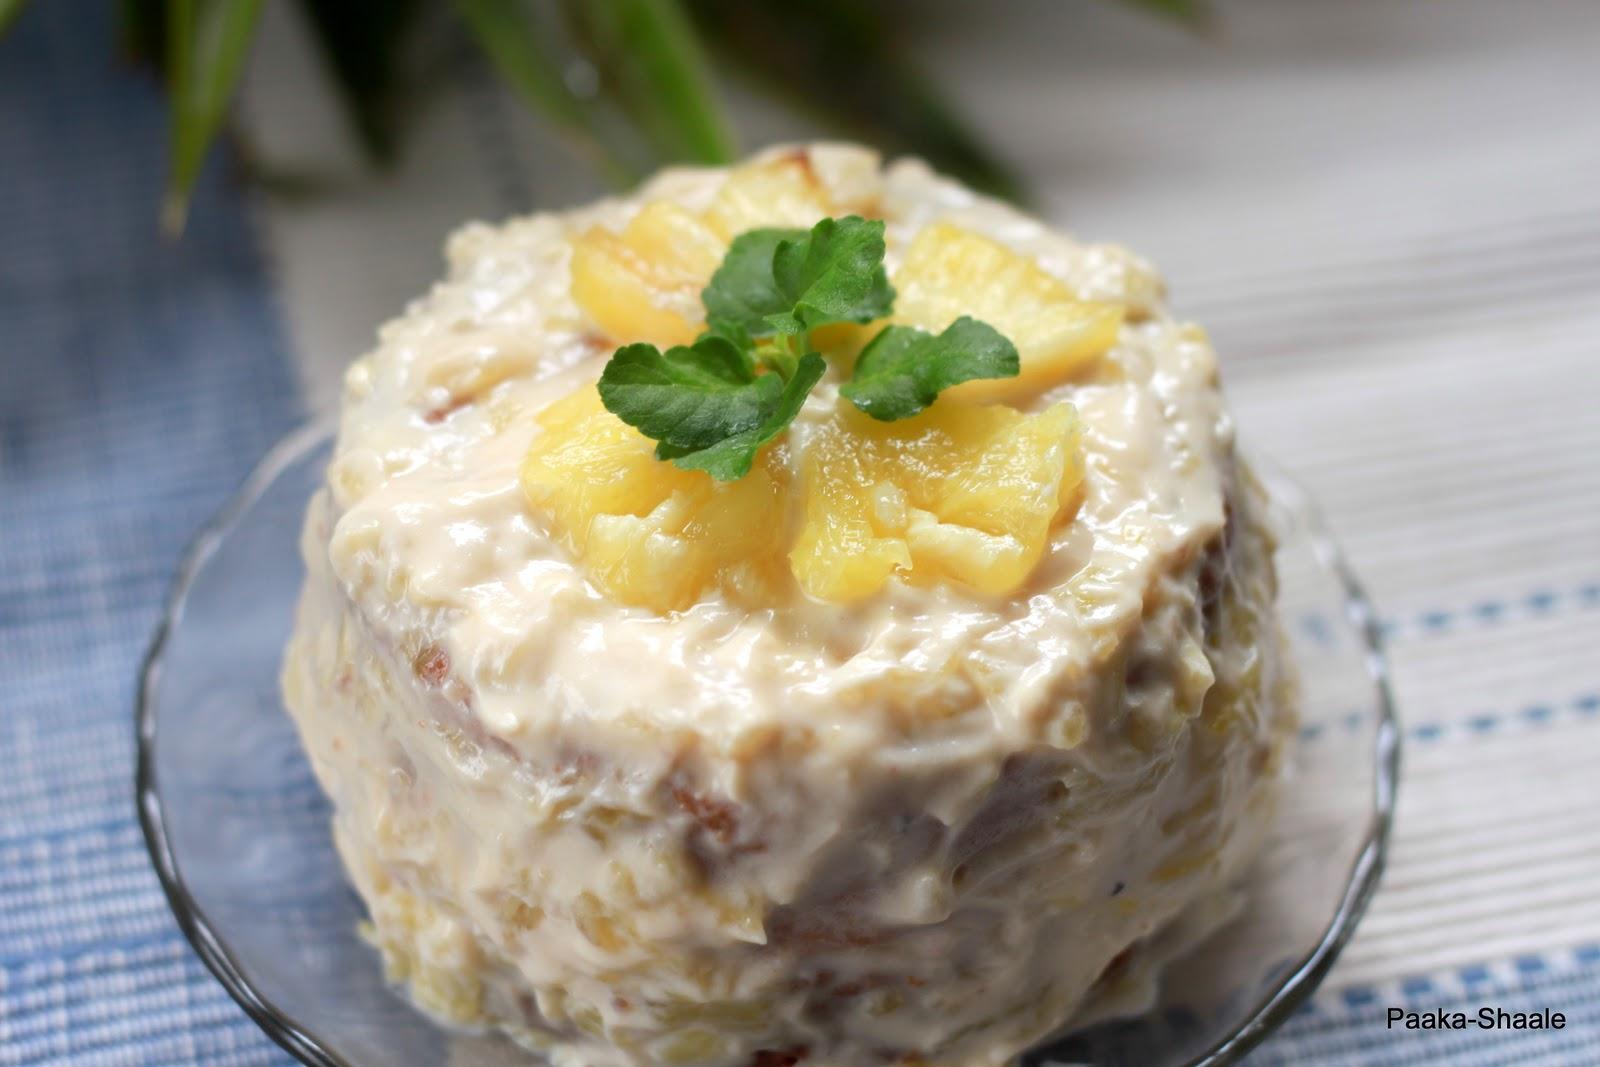 Paaka-Shaale: Pina Colada cake